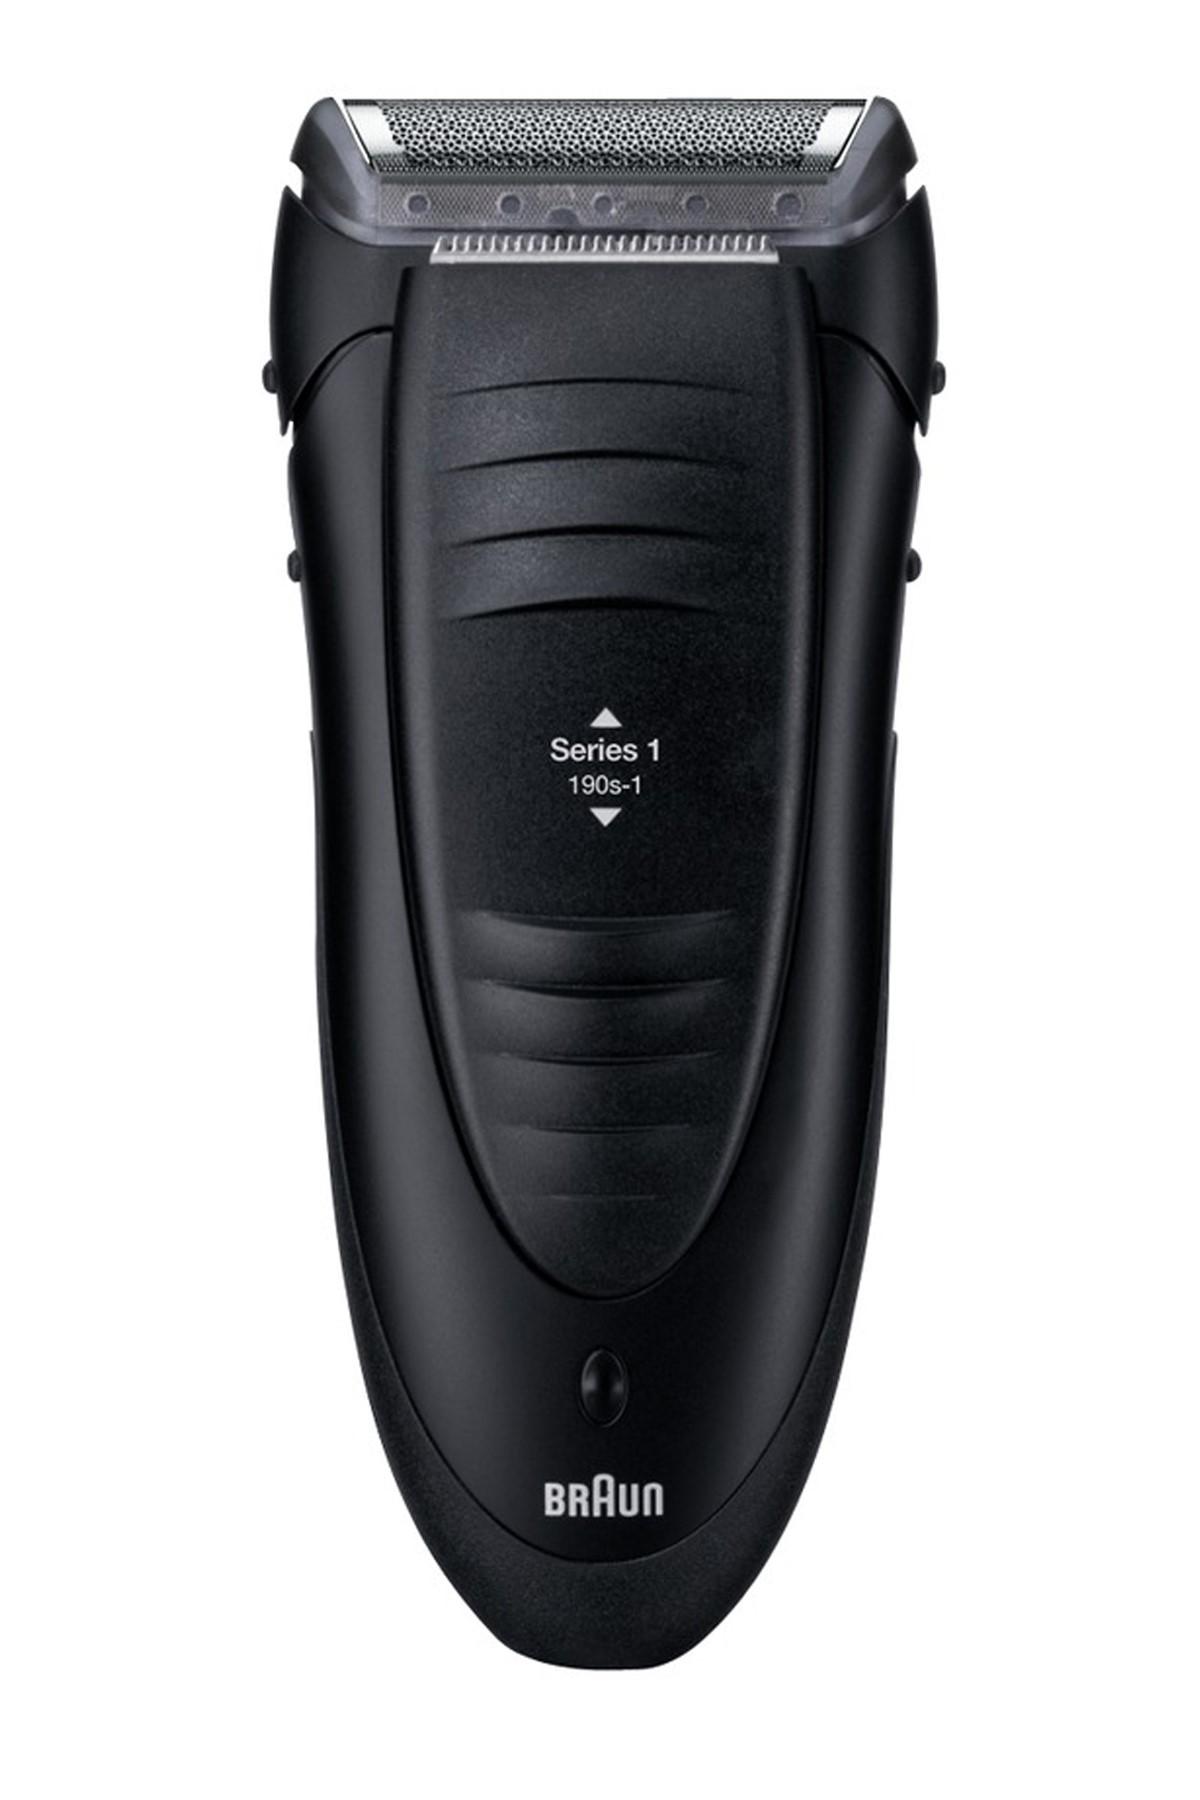 Braun 1 Serisi Tıraş Makinesi 190s 4210201037477 2